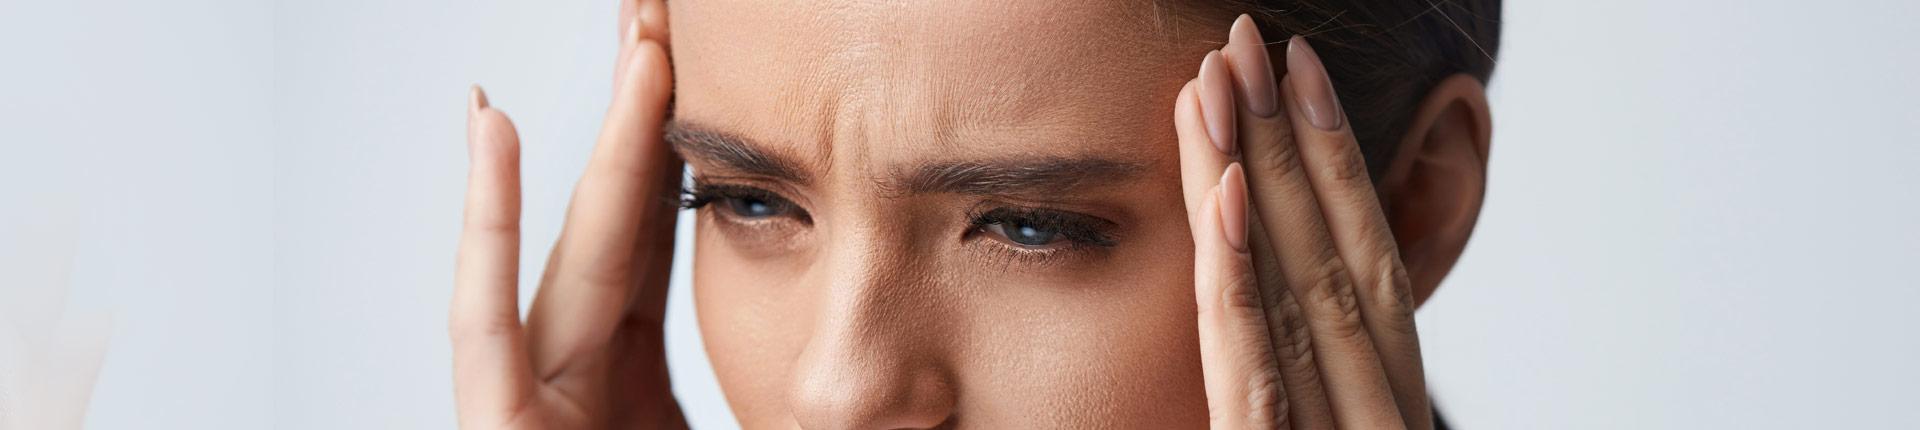 Dieta w migrenie - czego unikać mając ból głowy